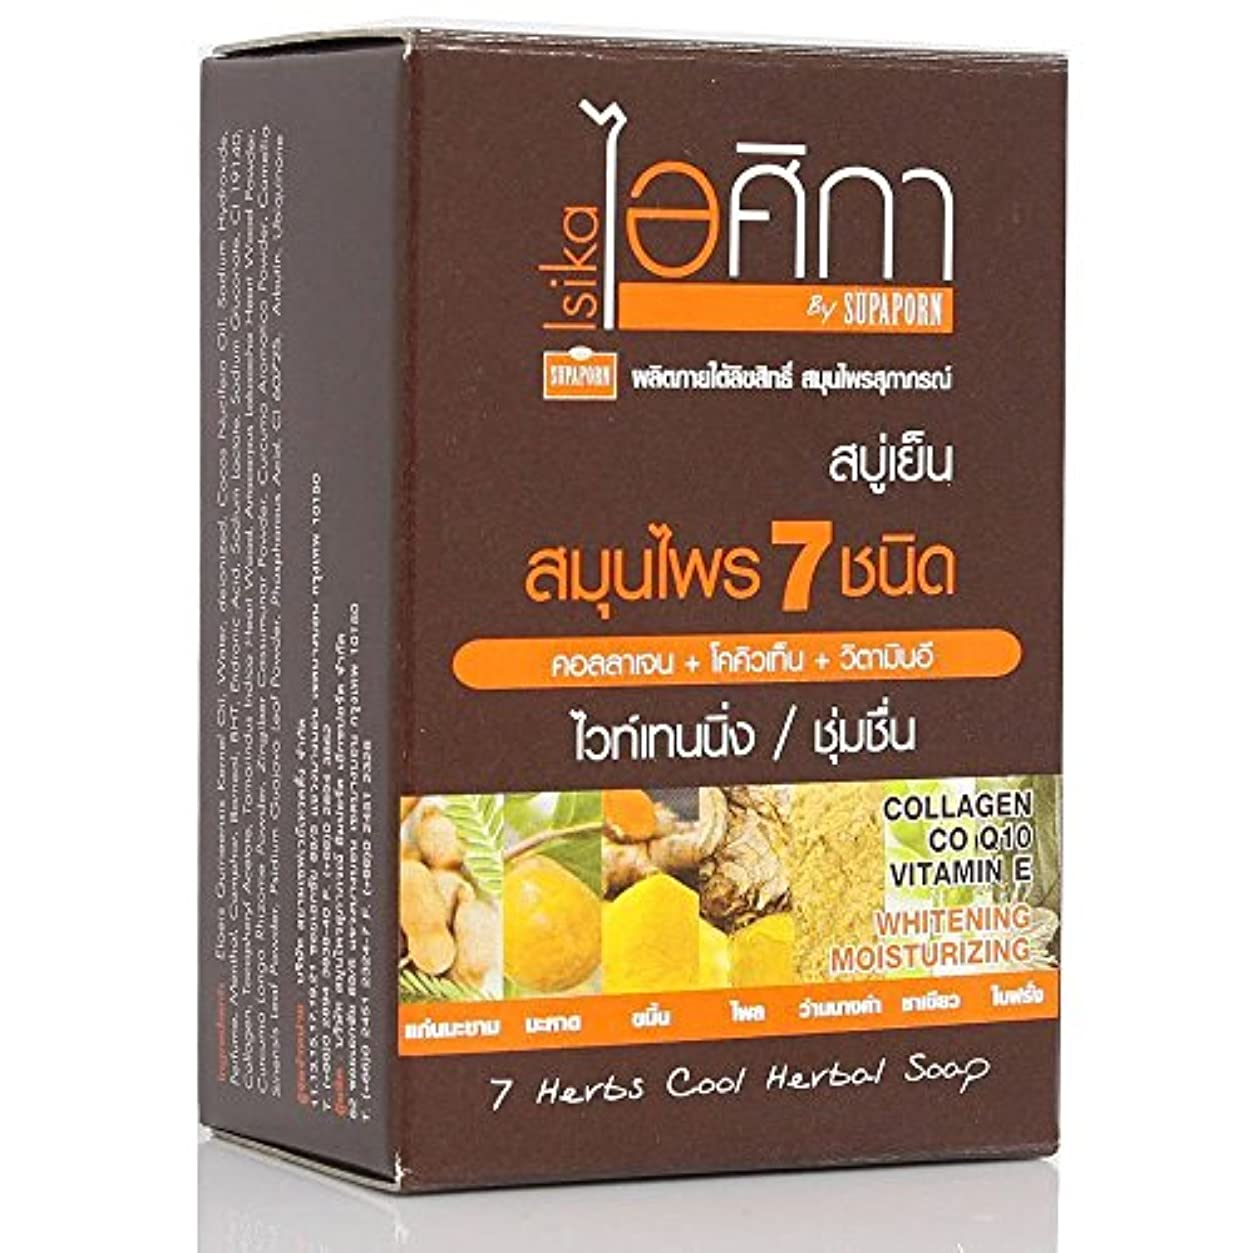 修理工ラインナップラッチIsika 7 herbs Cool Herbal Soap with Collagen, Co-enzyme Q10, Vitamin E 100g